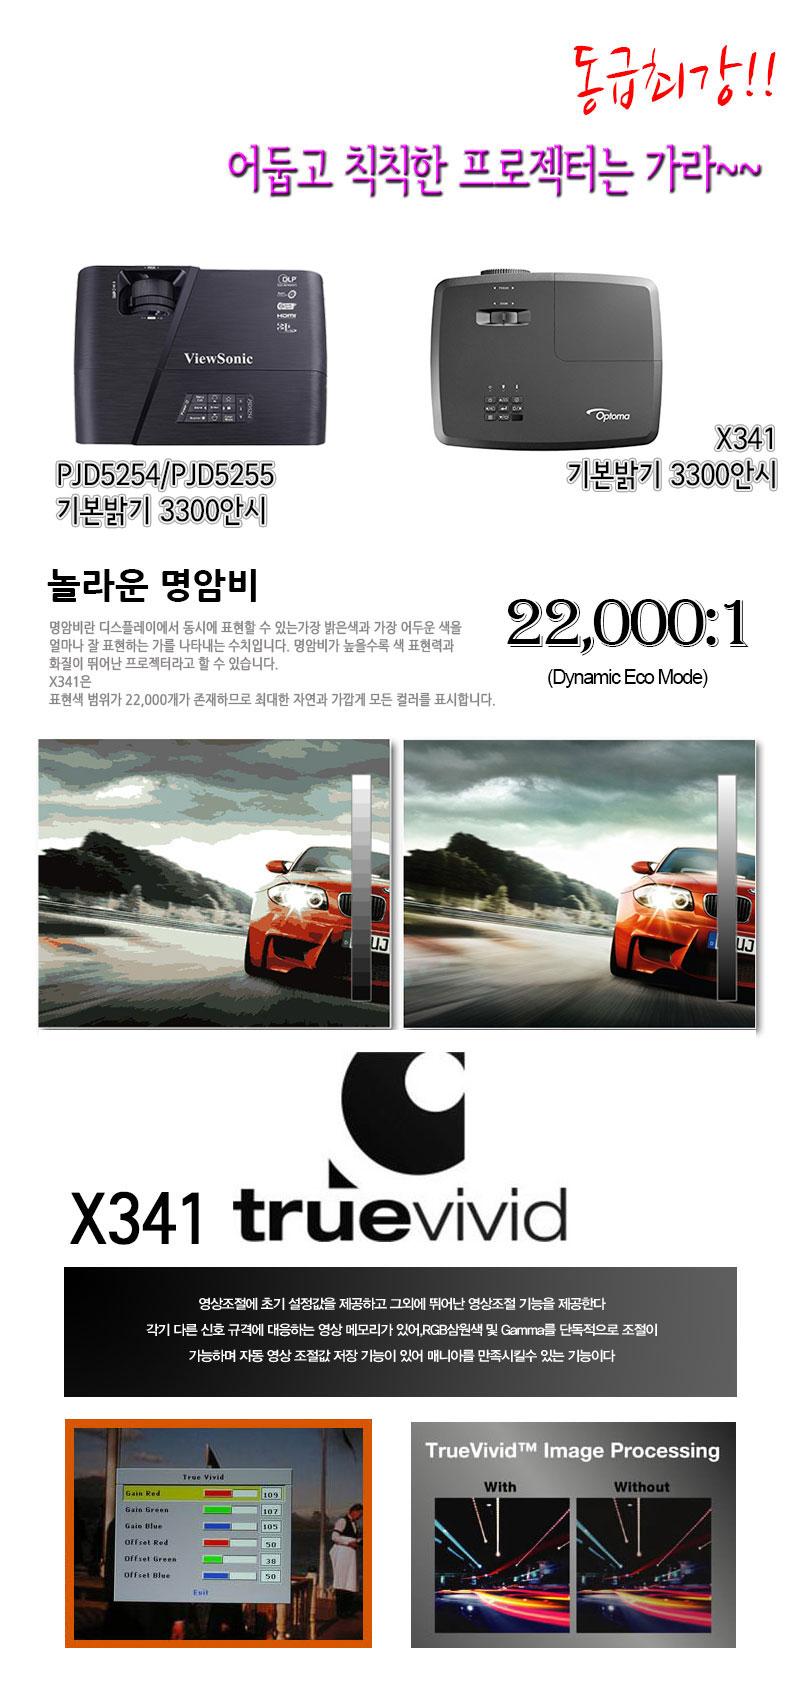 국민 프로젝터 뷰소닉 pjd5254 동급최강 명암비 22000:1